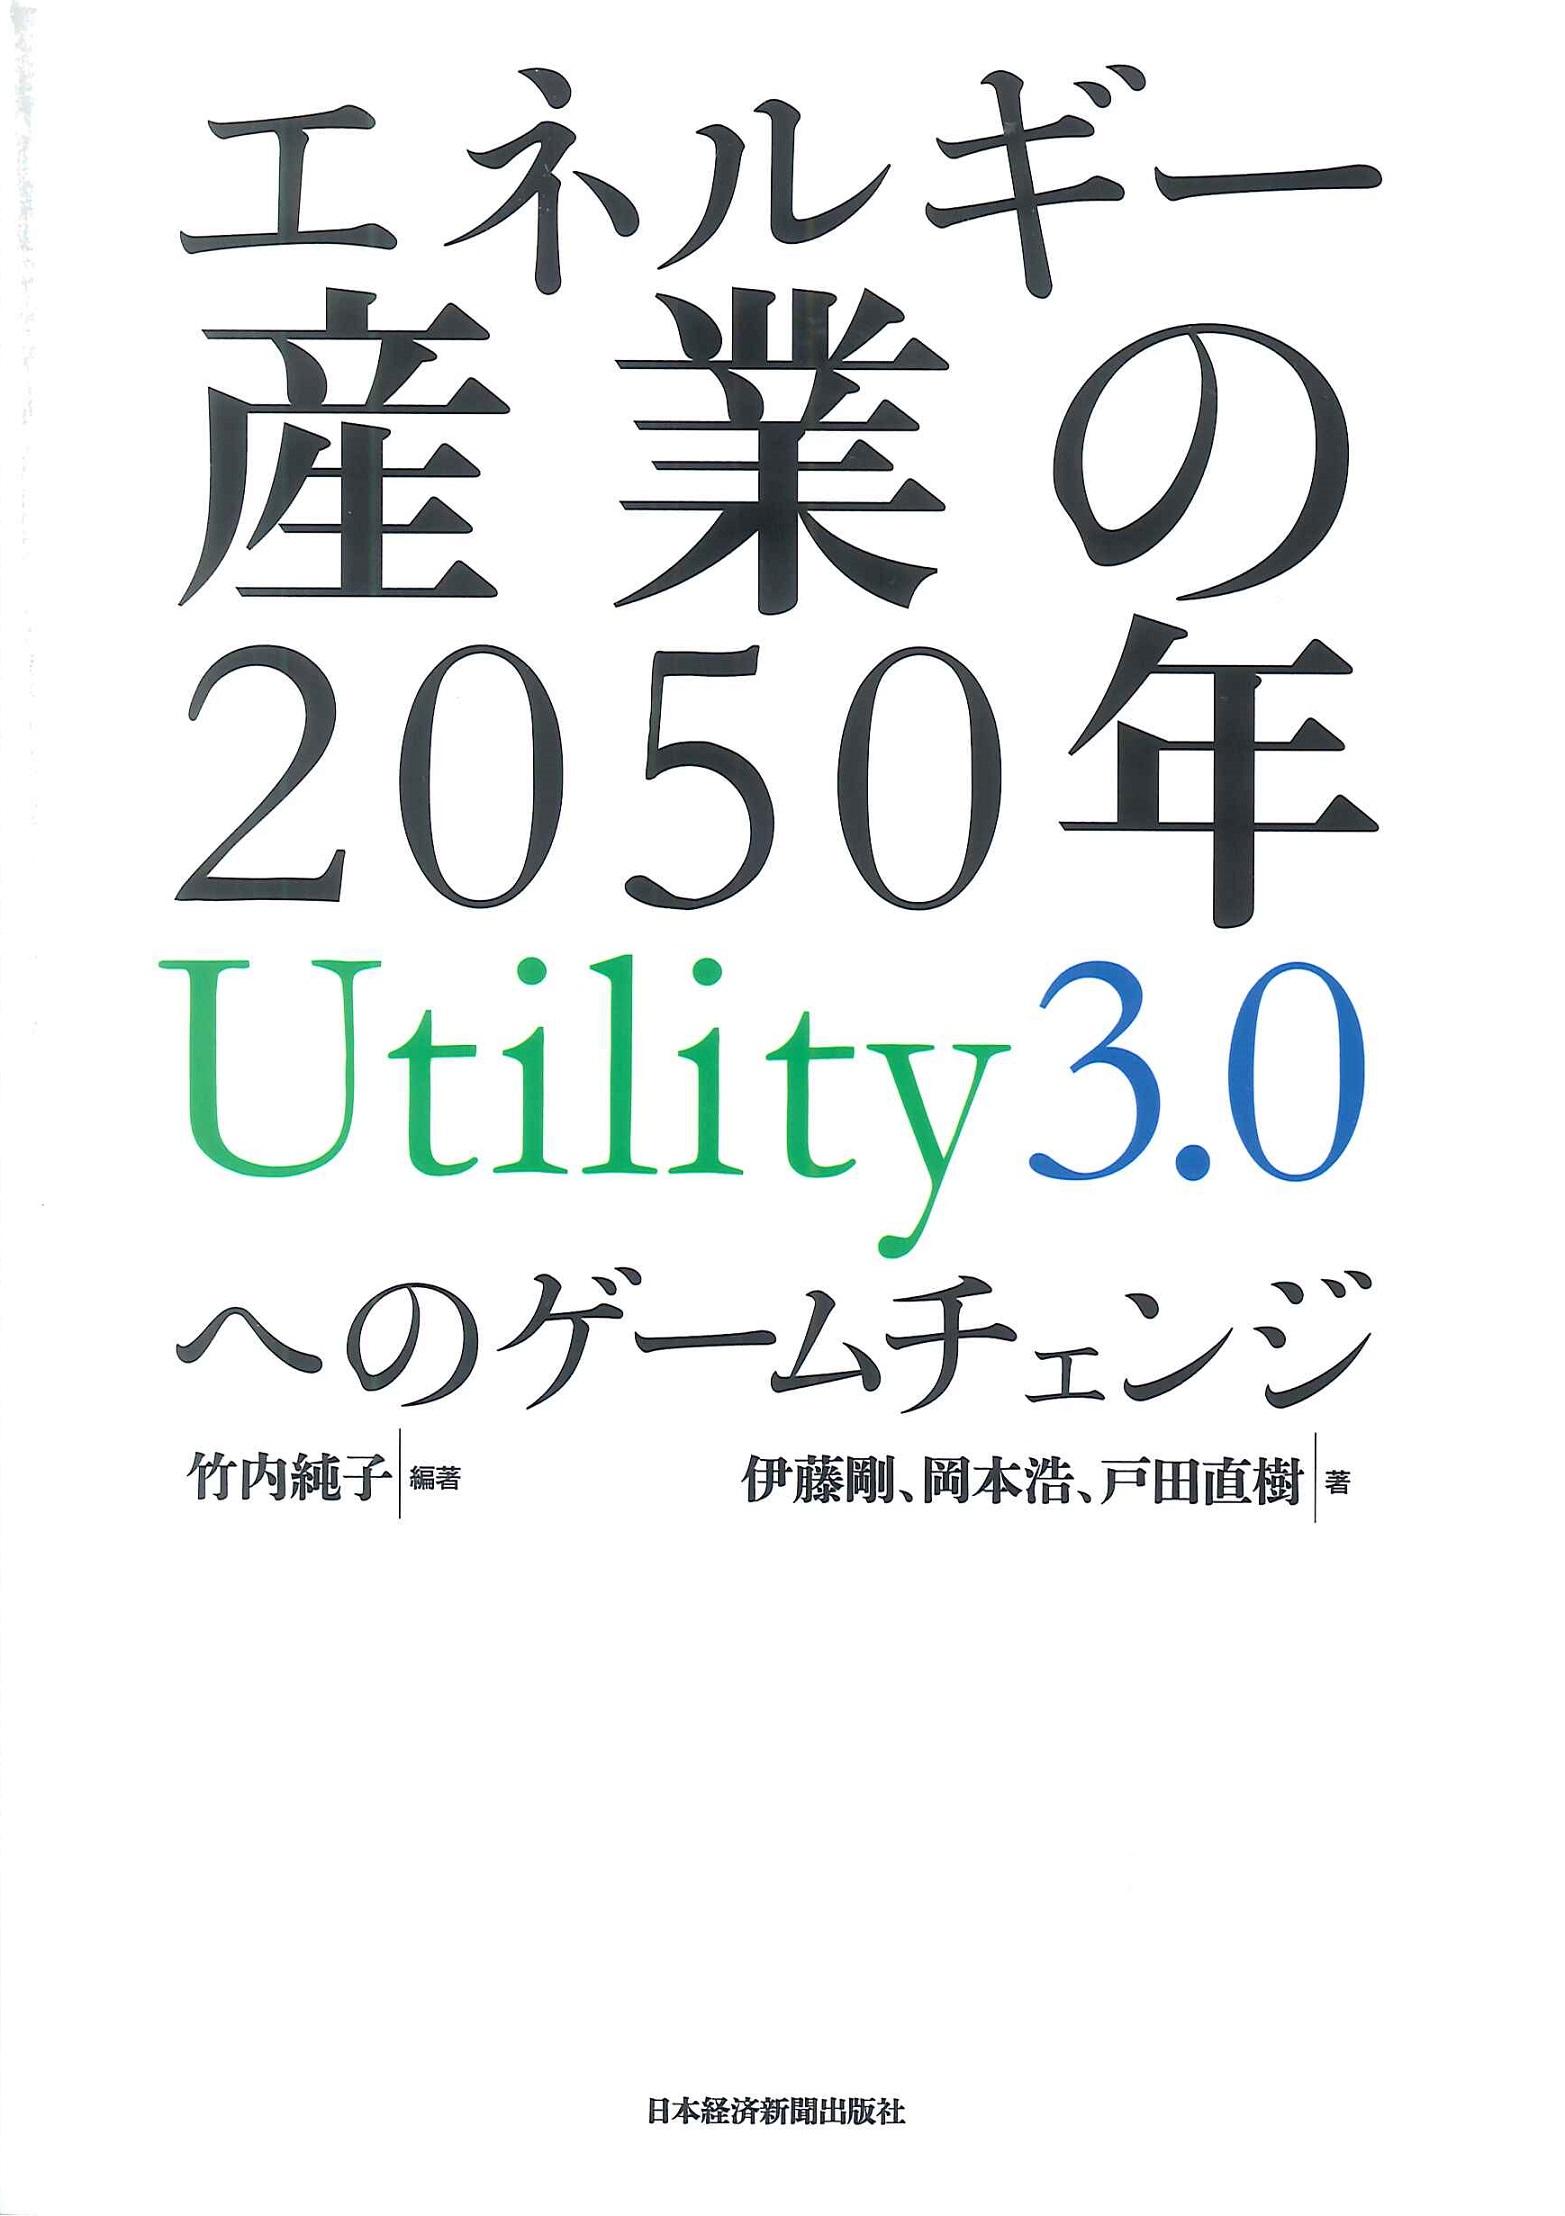 エネルギ一産業の2050年:Utility 3.0 へのゲ一ムチェンジ